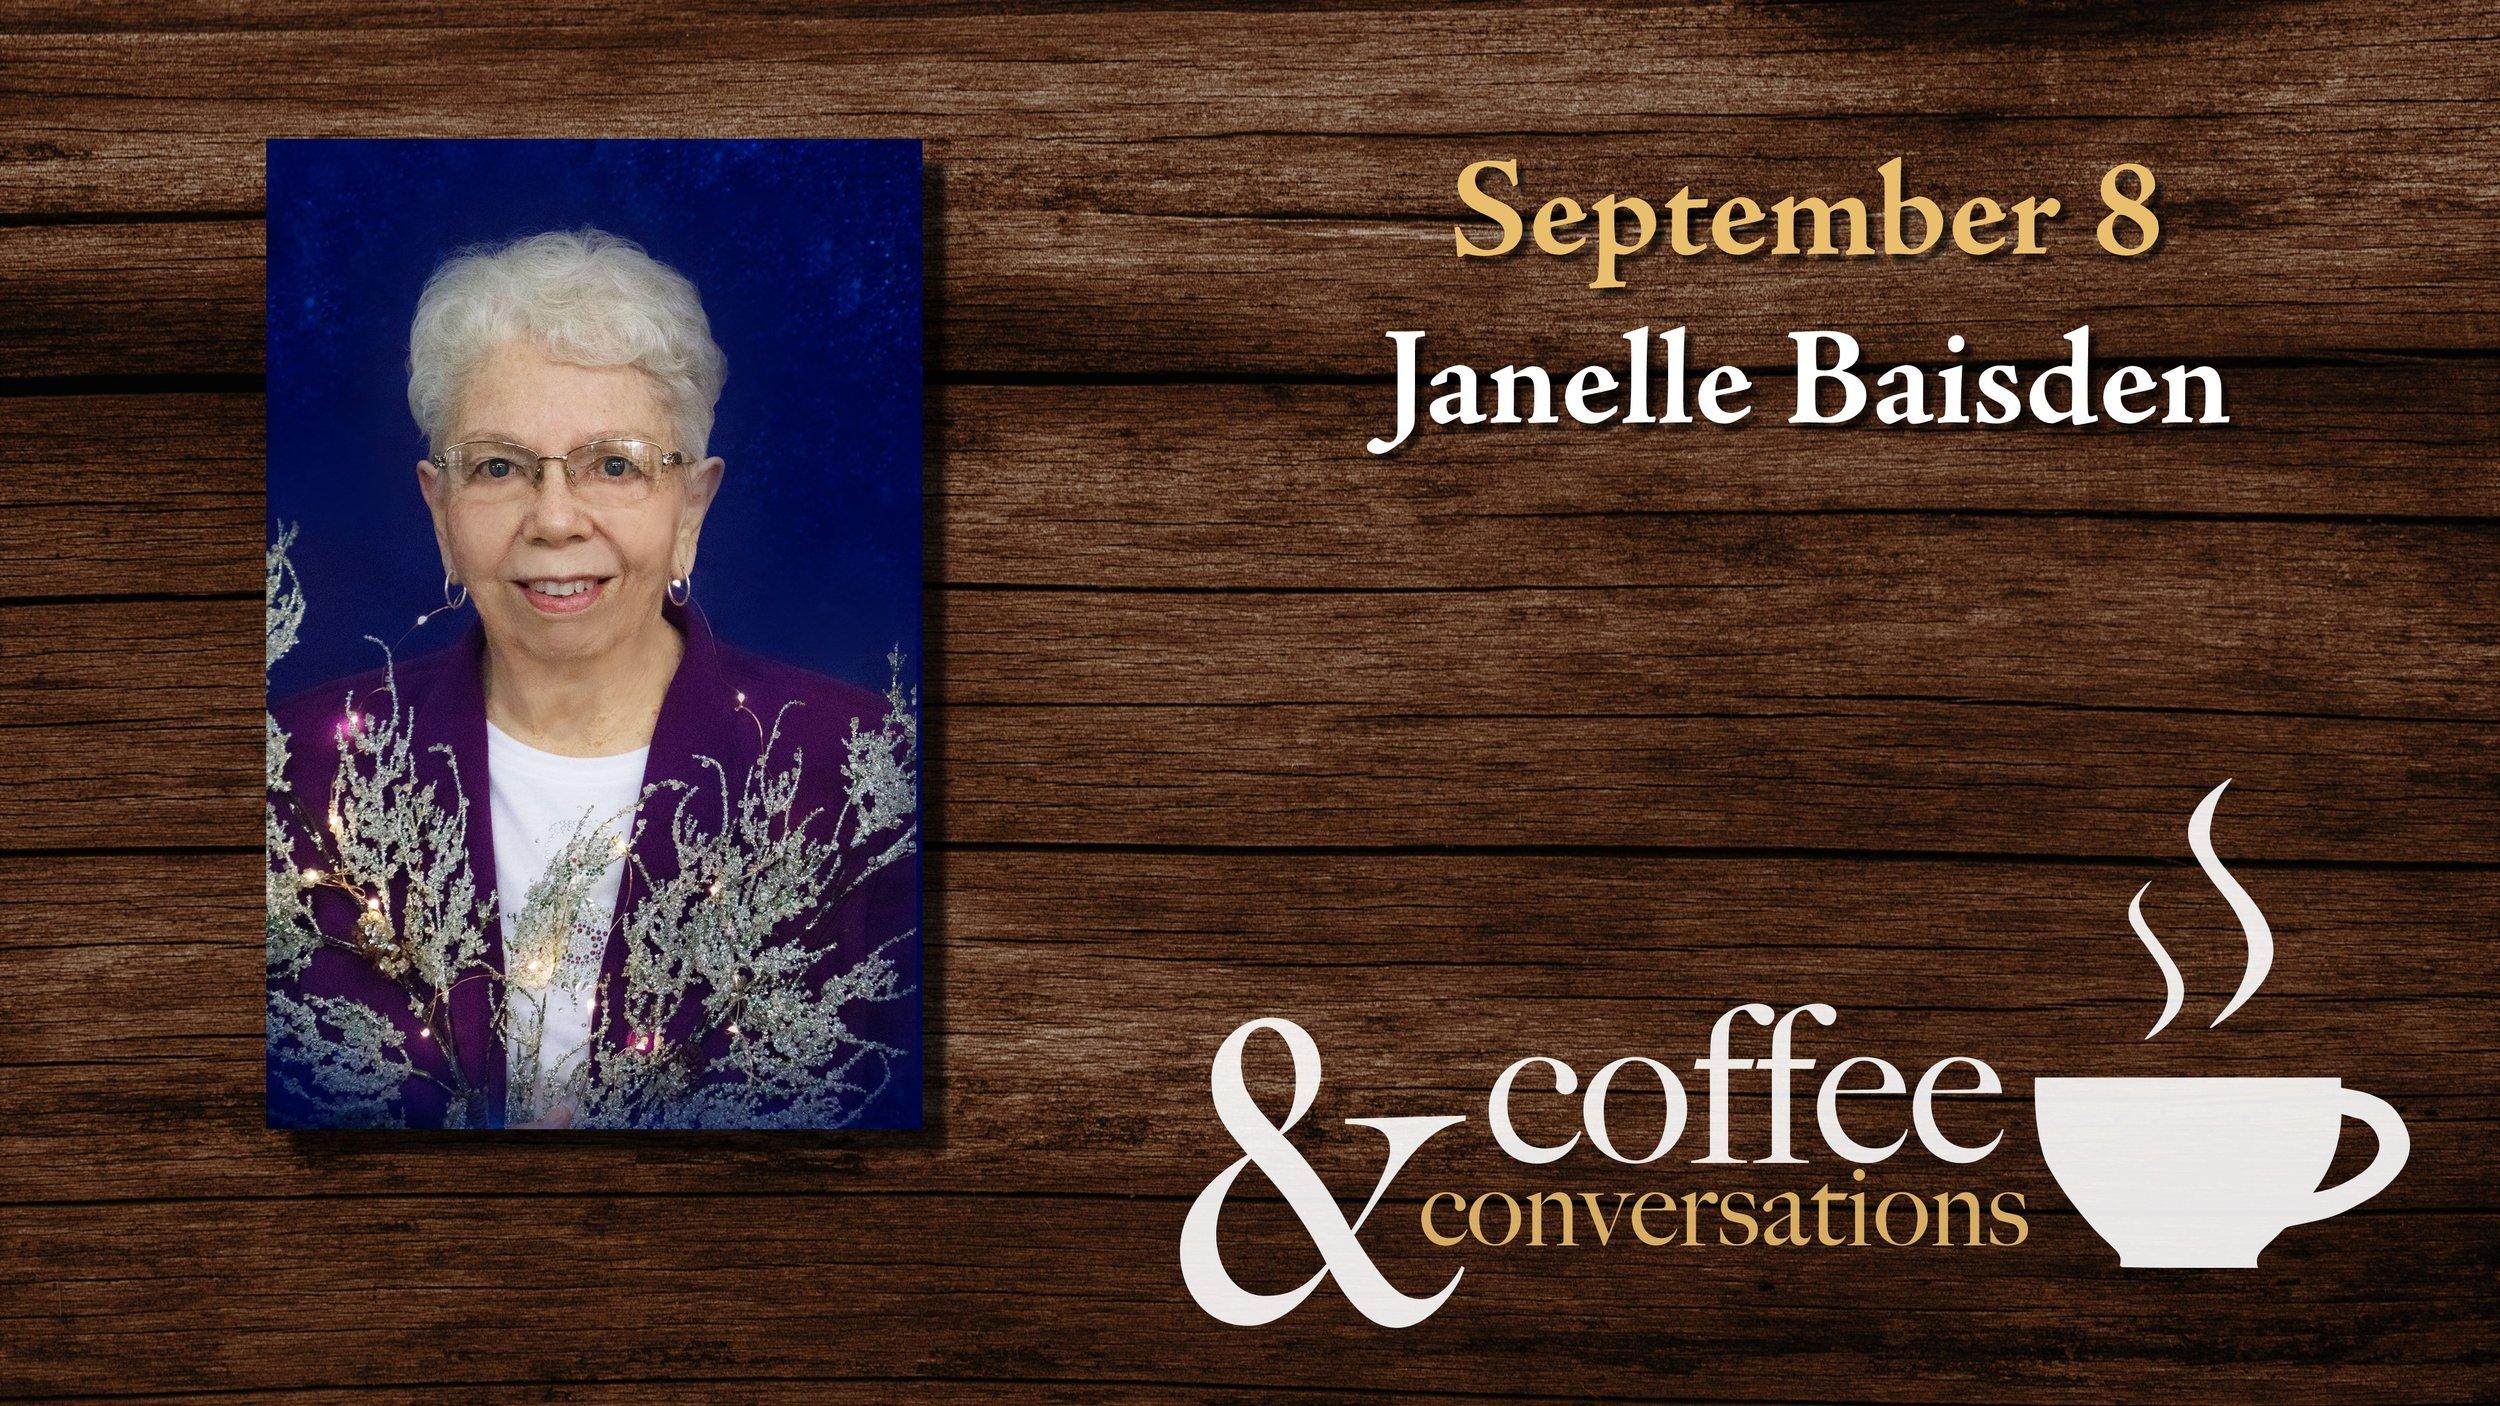 C&C Janelle.jpg